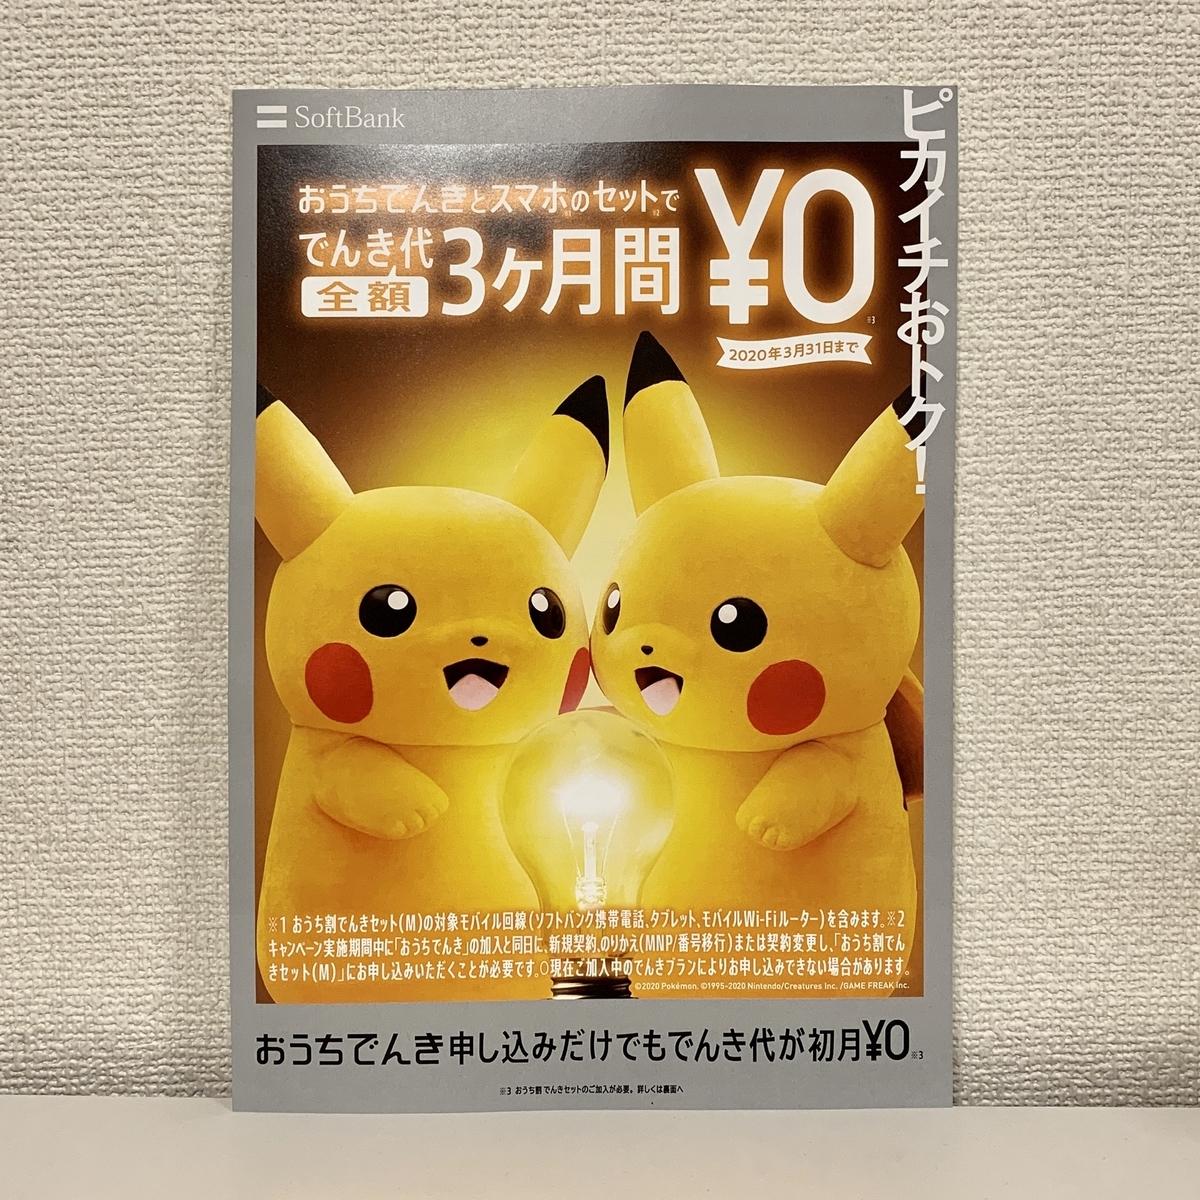 f:id:pikachu_pcn:20200211201632j:plain